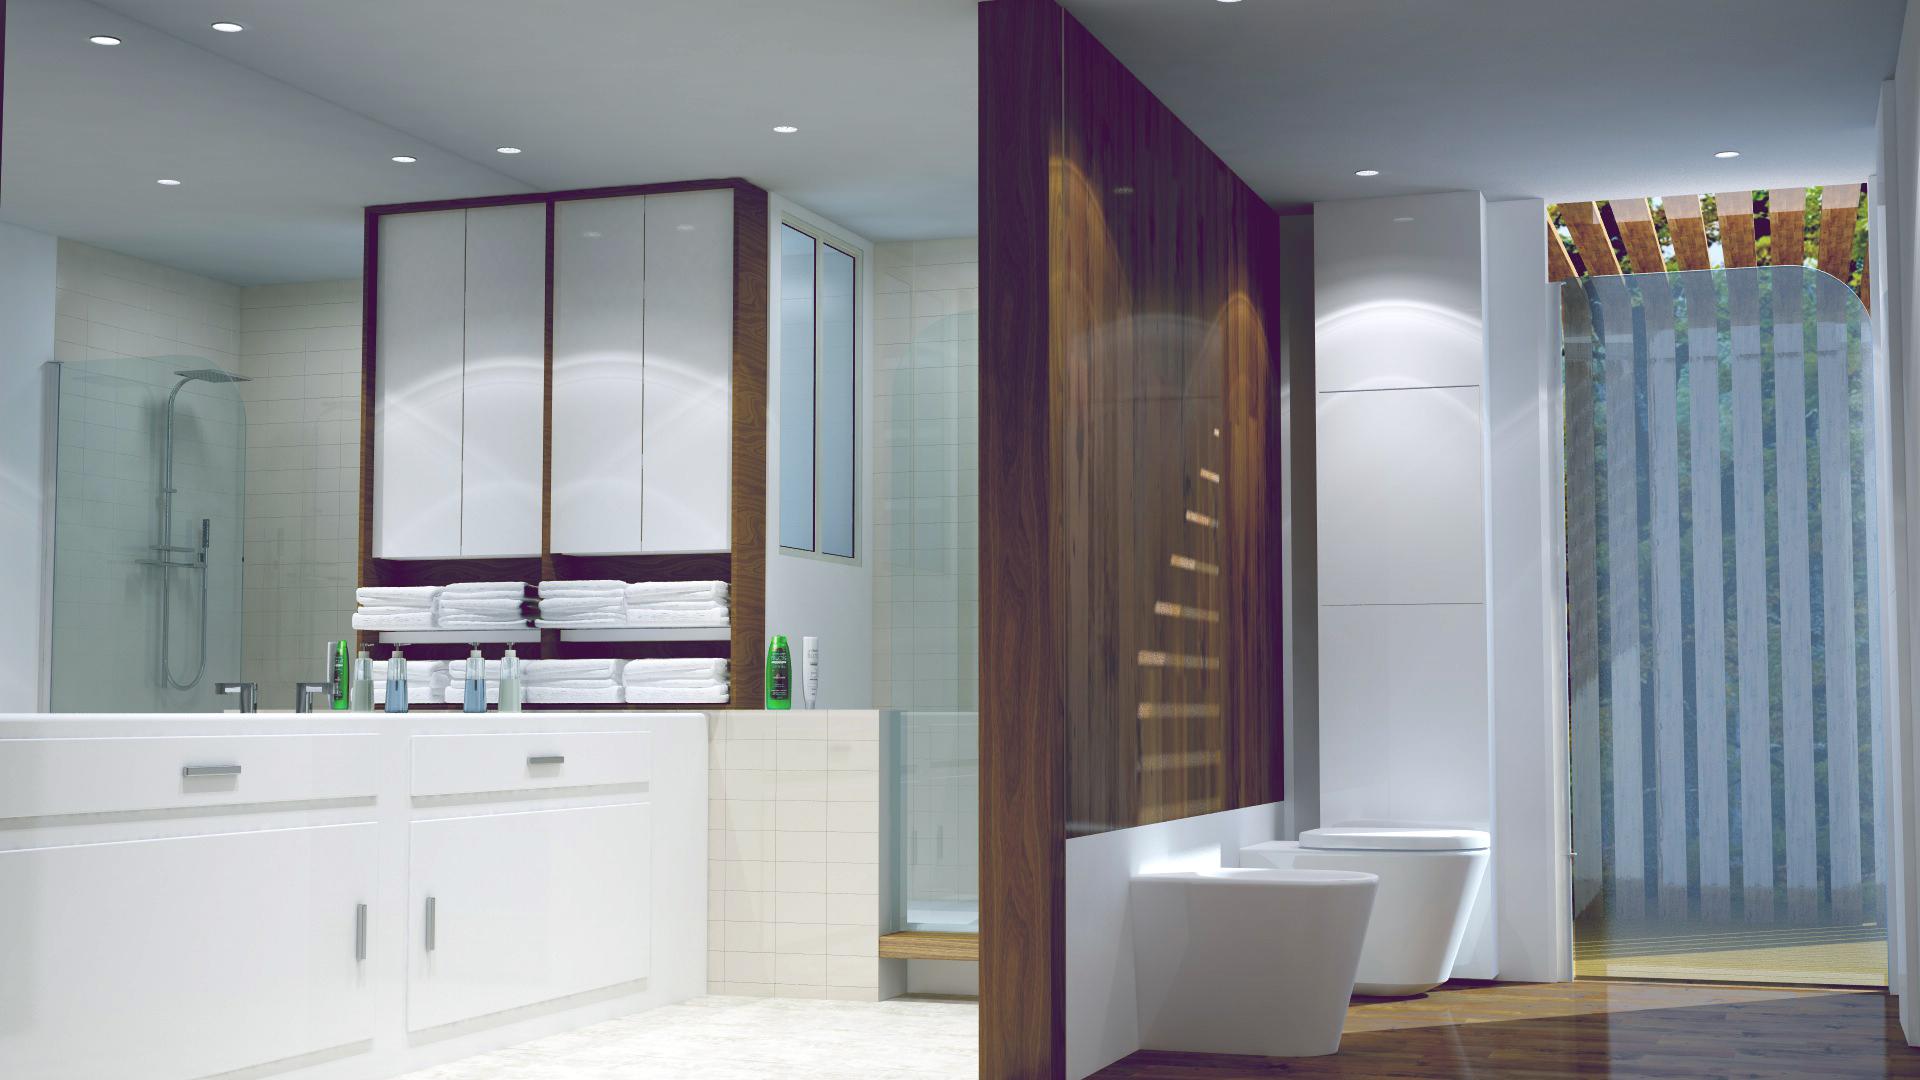 salle d eau architecture interieur - Réalisation d'une salle d'eau dans une maison à Nantes